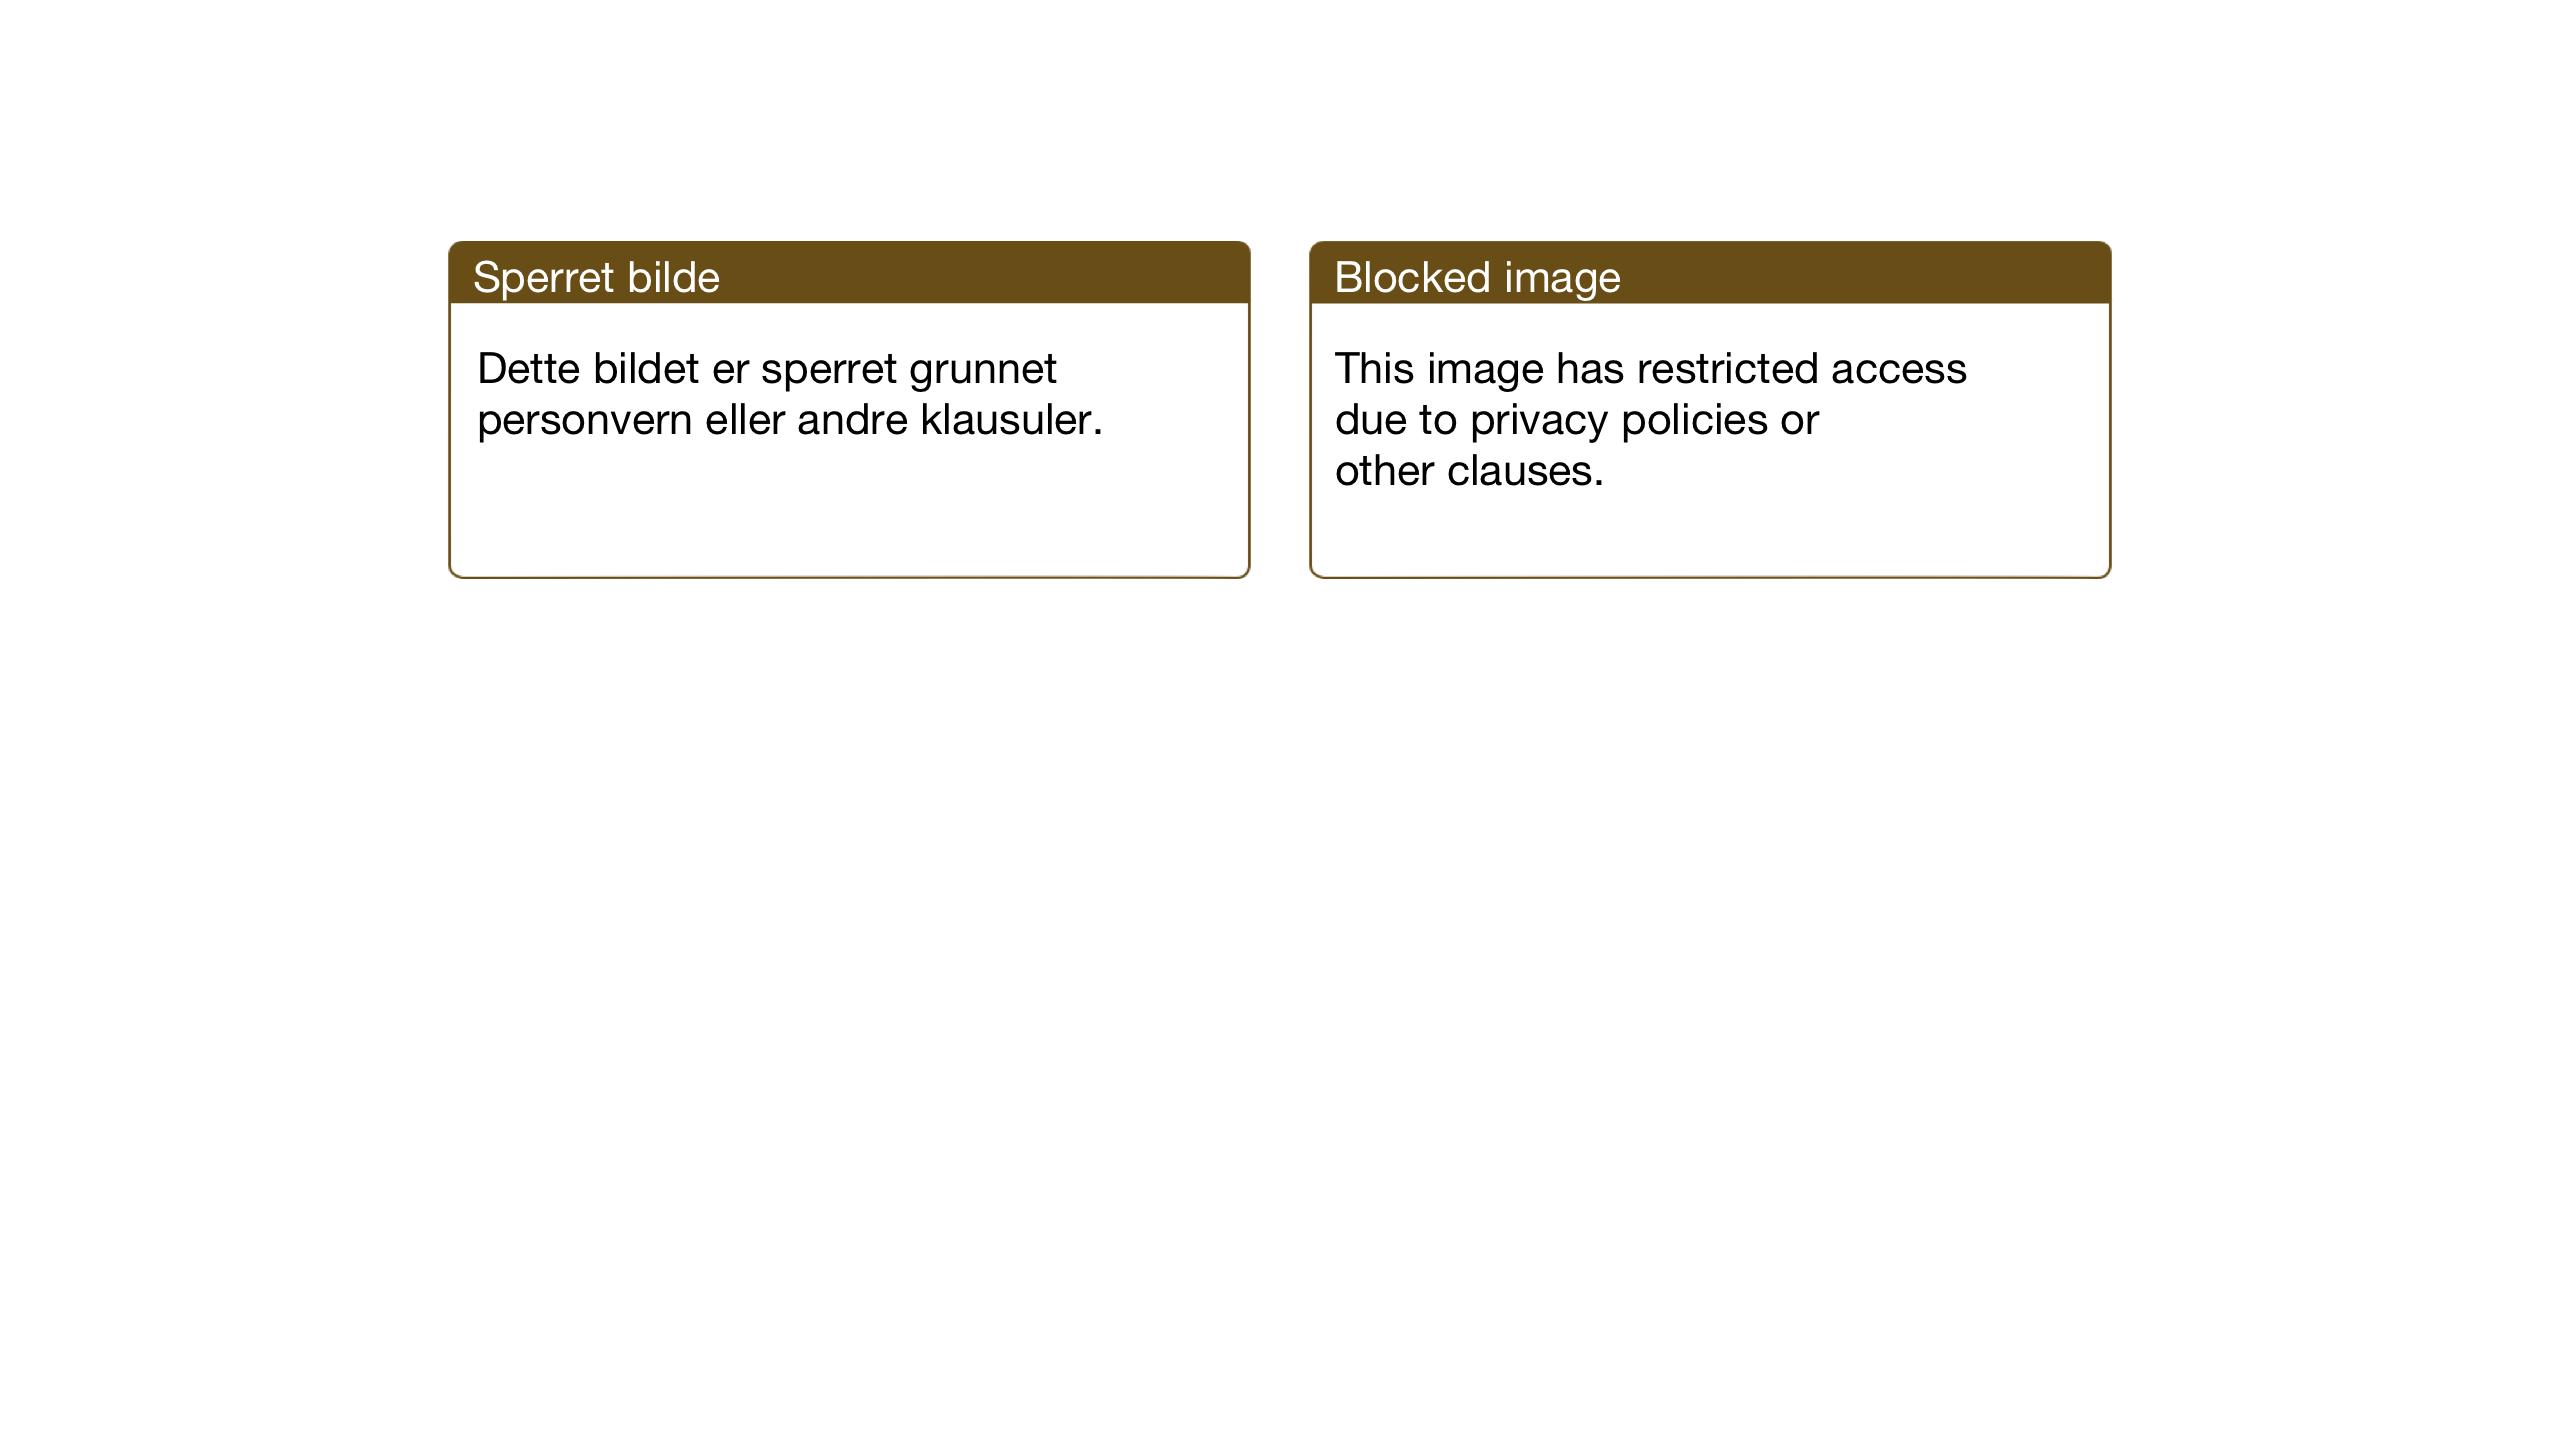 SAT, Ministerialprotokoller, klokkerbøker og fødselsregistre - Sør-Trøndelag, 667/L0799: Klokkerbok nr. 667C04, 1929-1950, s. 83